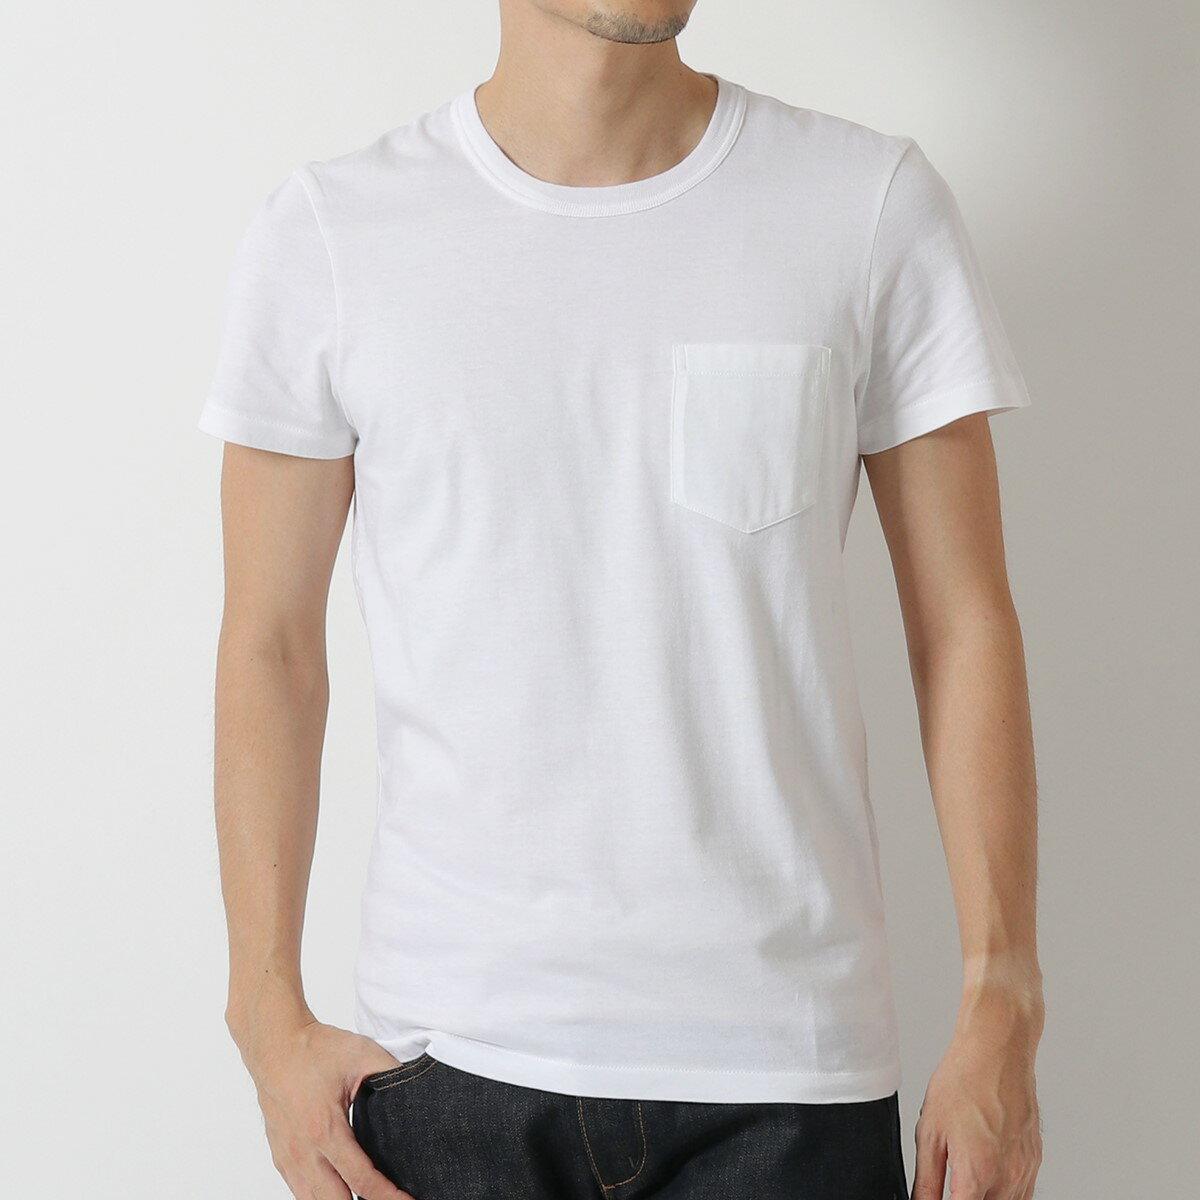 トップス, Tシャツ・カットソー TOM FORD BP402 TFJ902 T N00